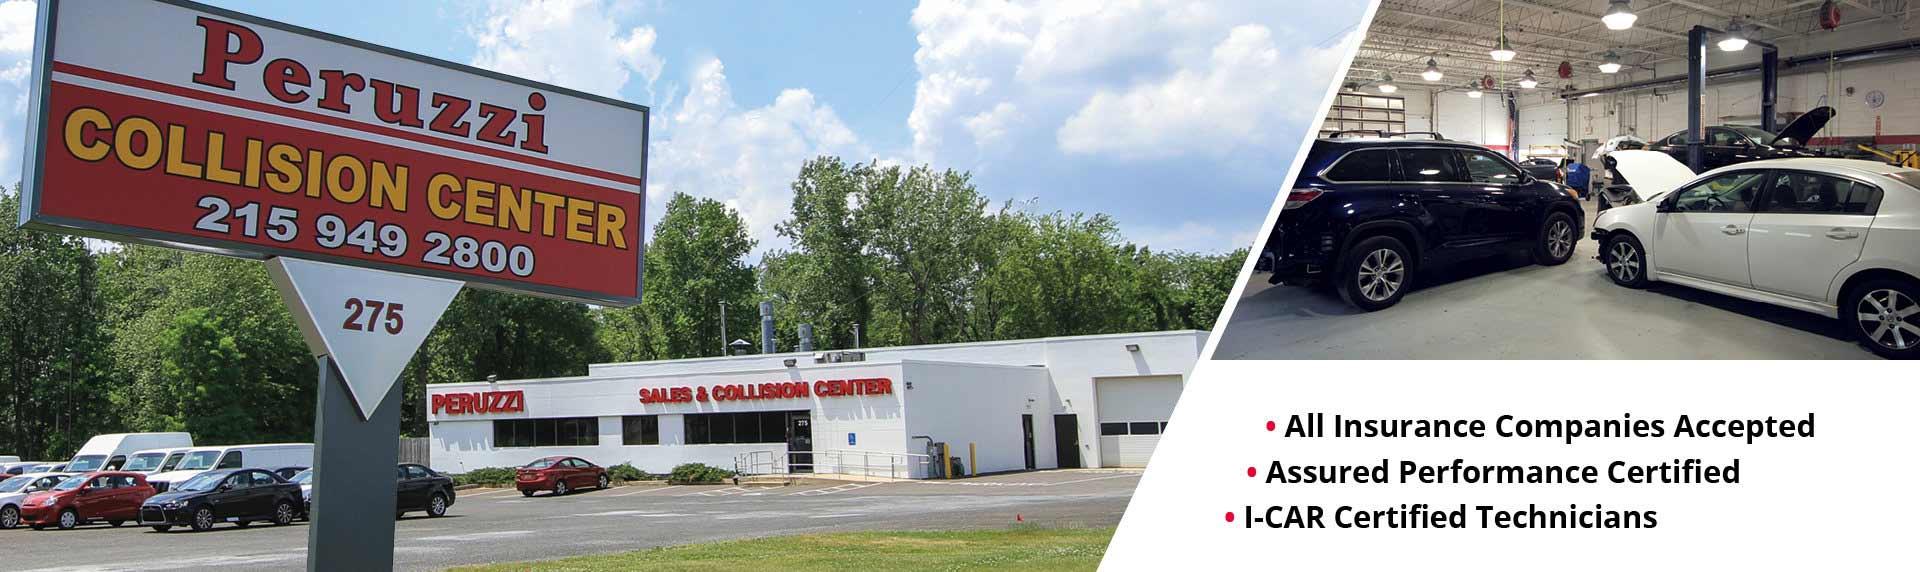 Peruzzi Collision Center Banner